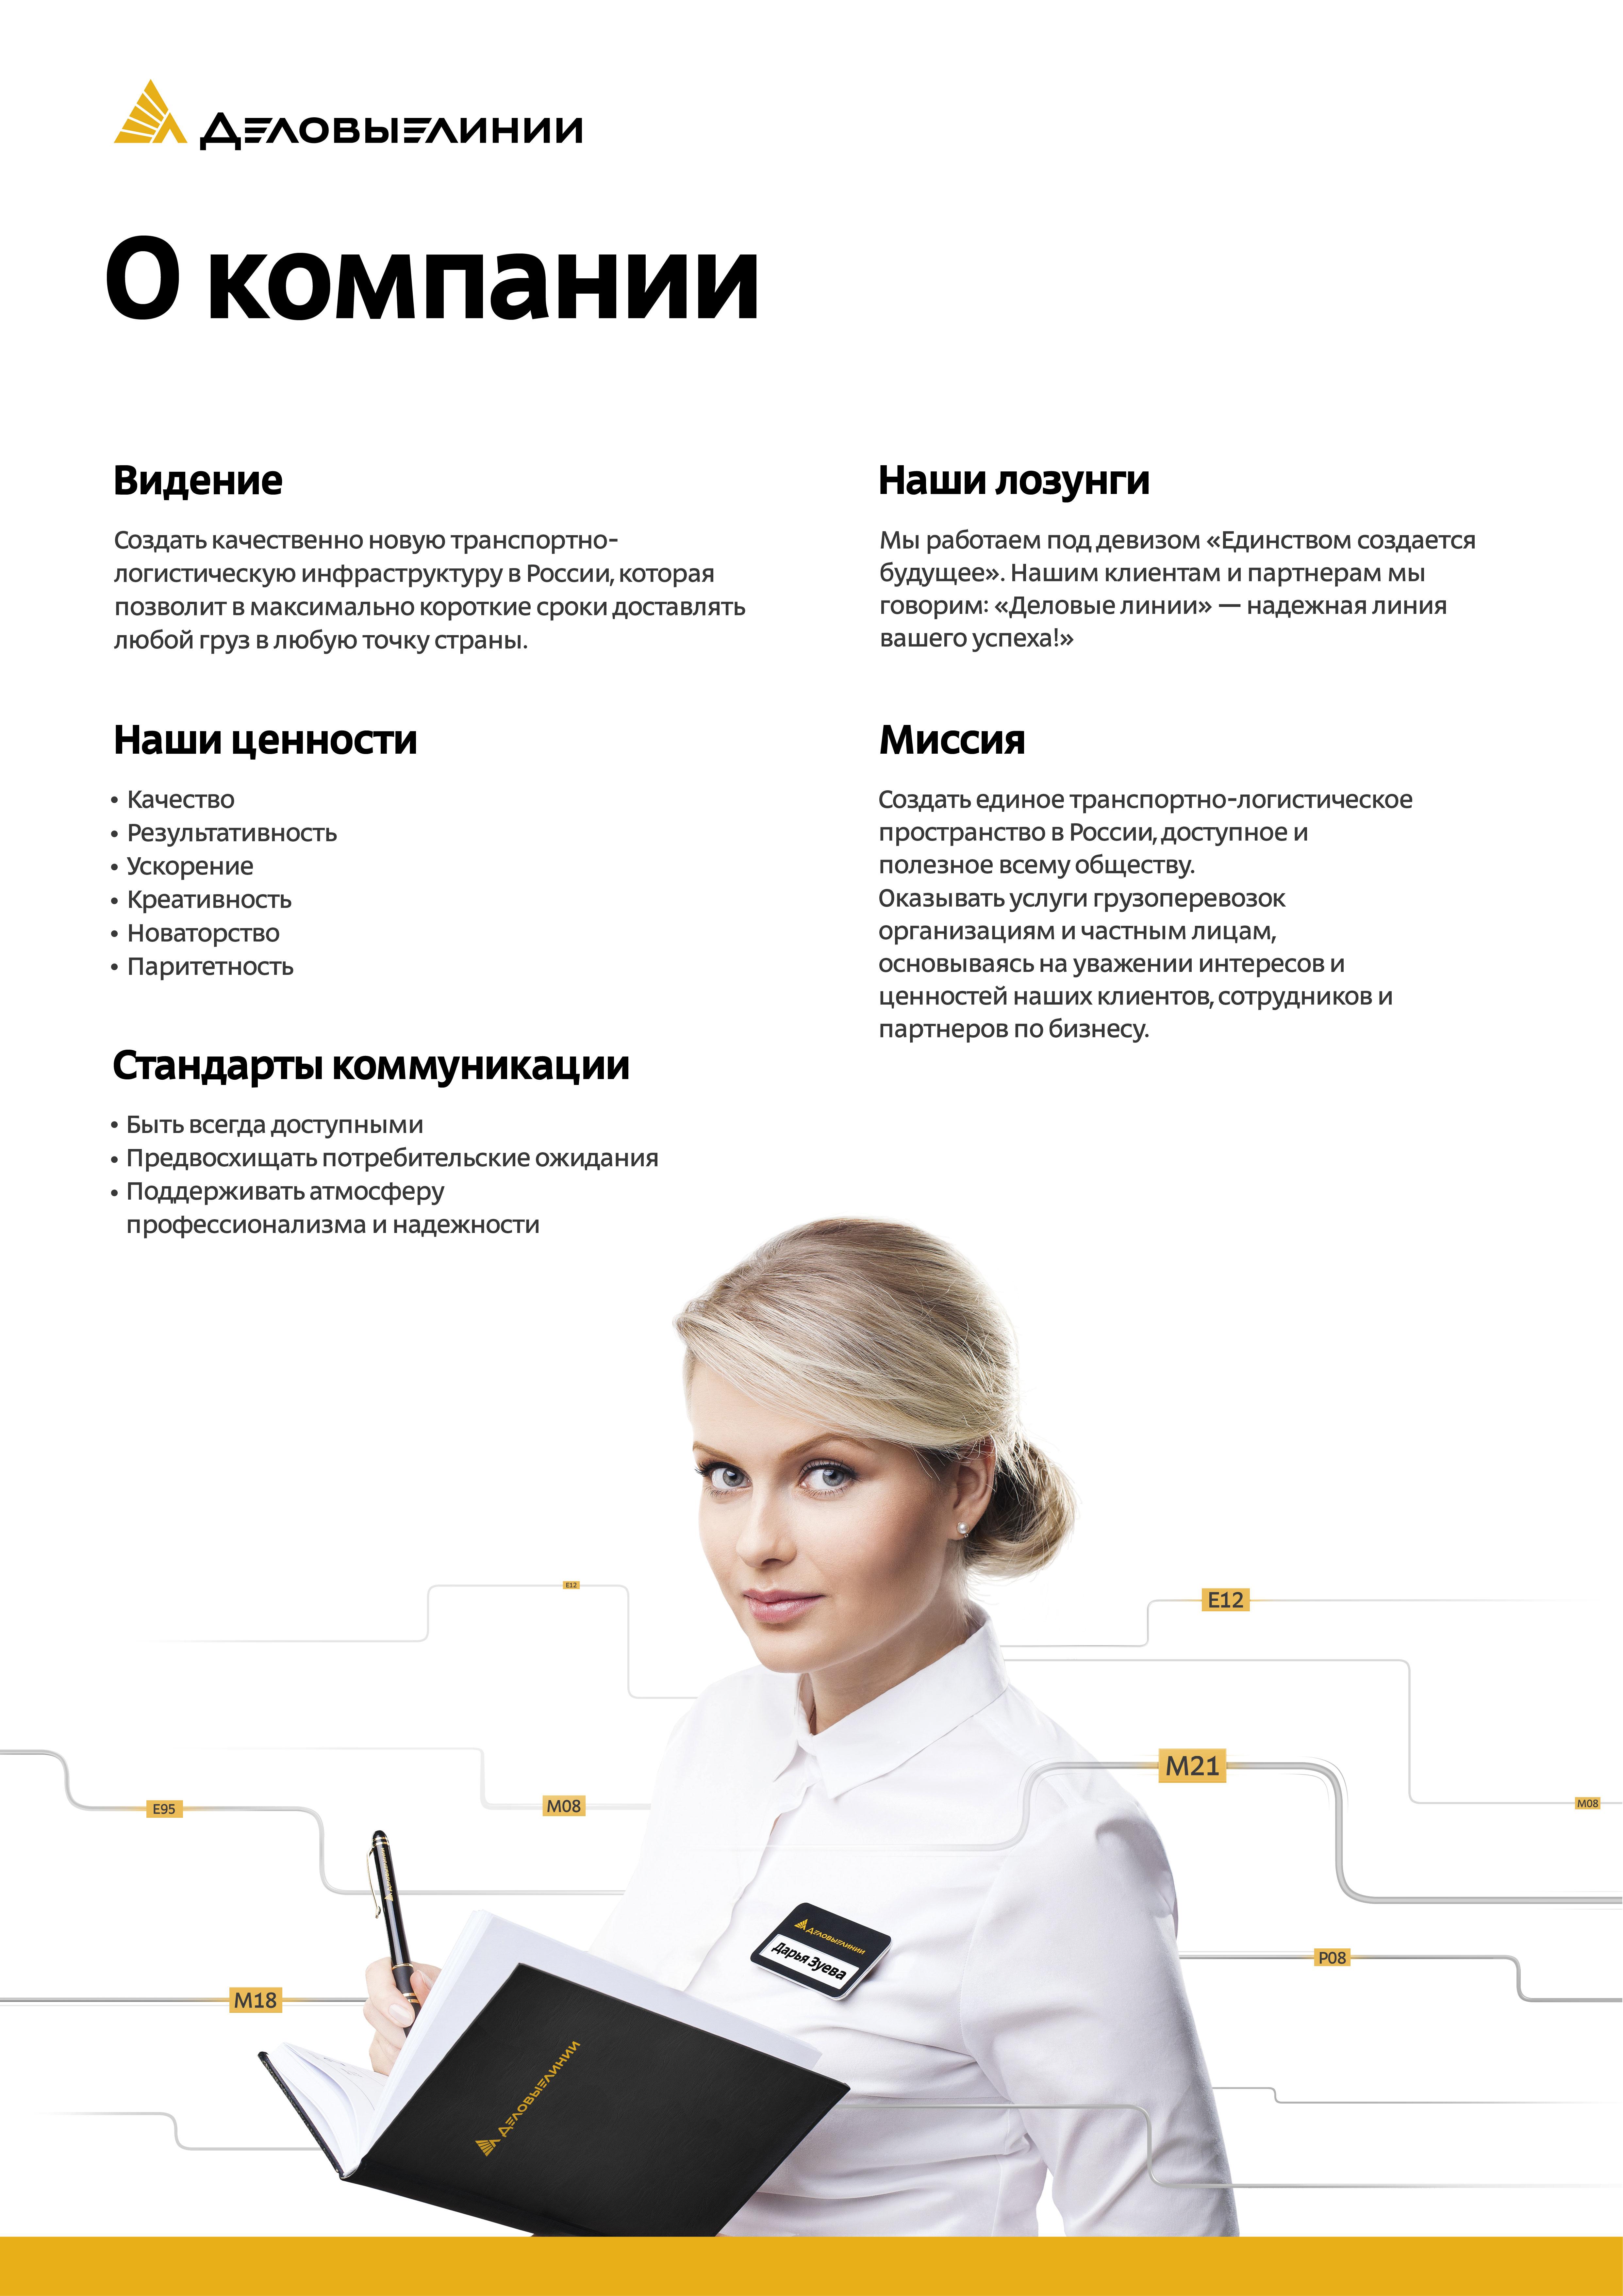 Плакат Деловые Линии «О компании»